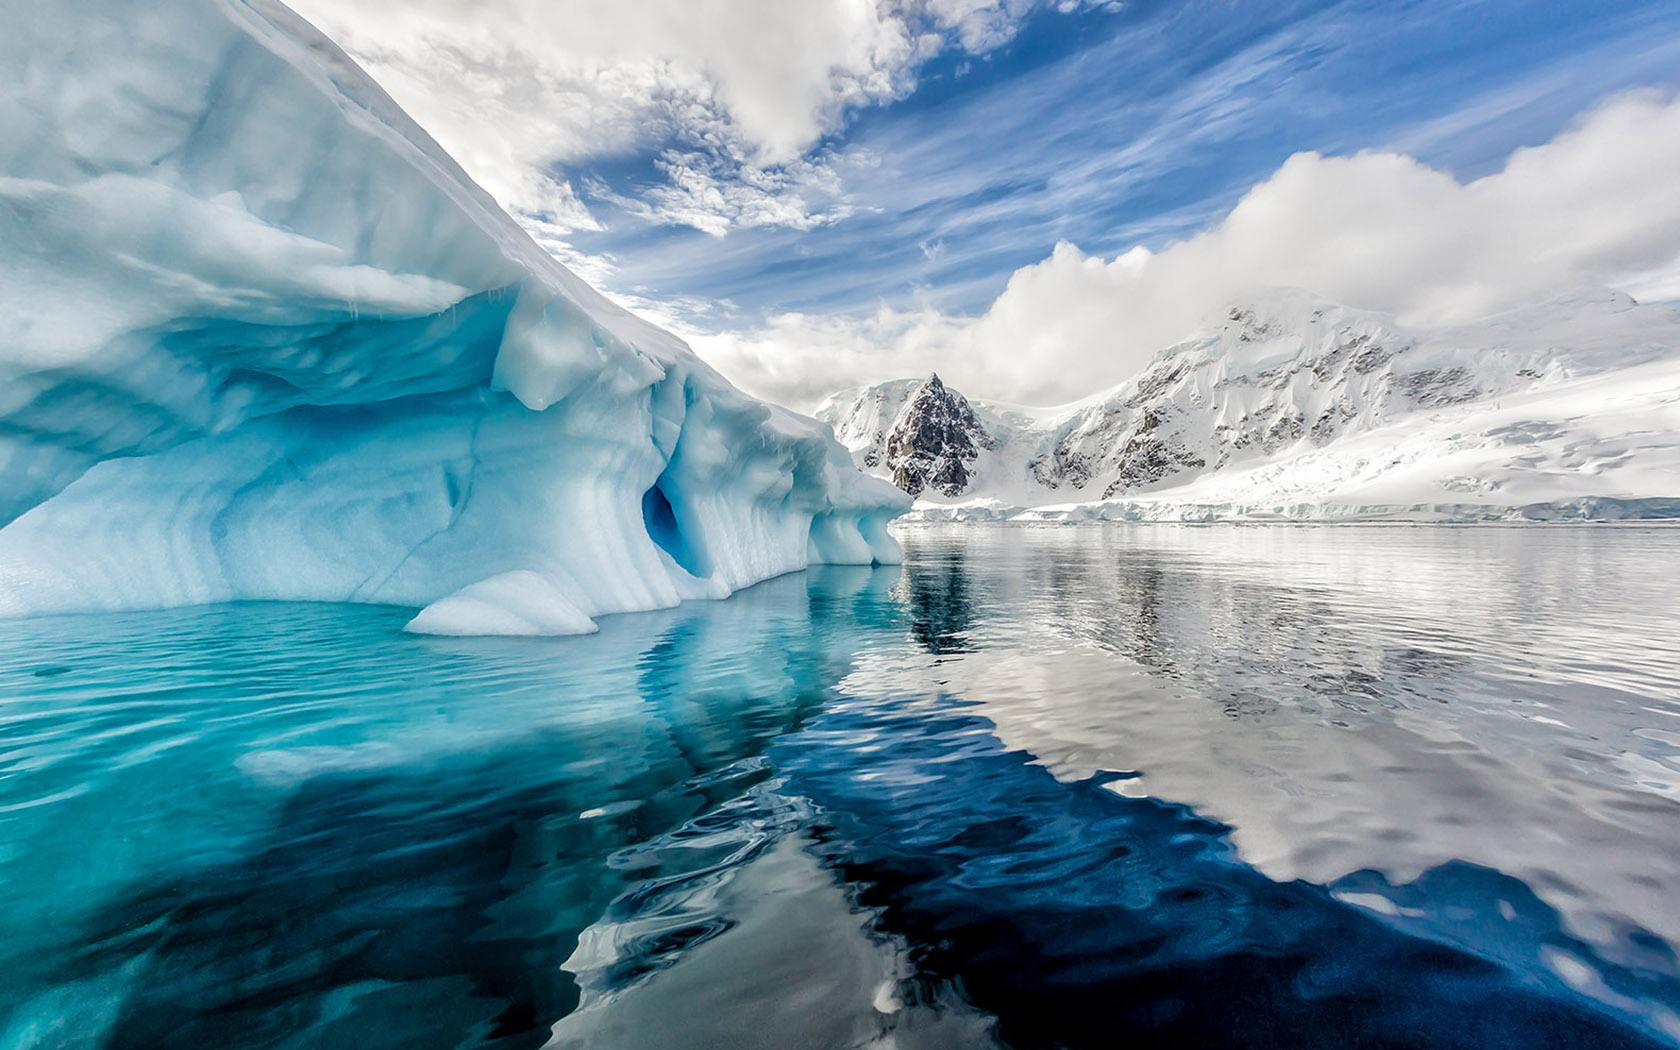 【南极】[海钻石邮轮]中国人包船南极四岛王企鹅群摄影巡游 22天团